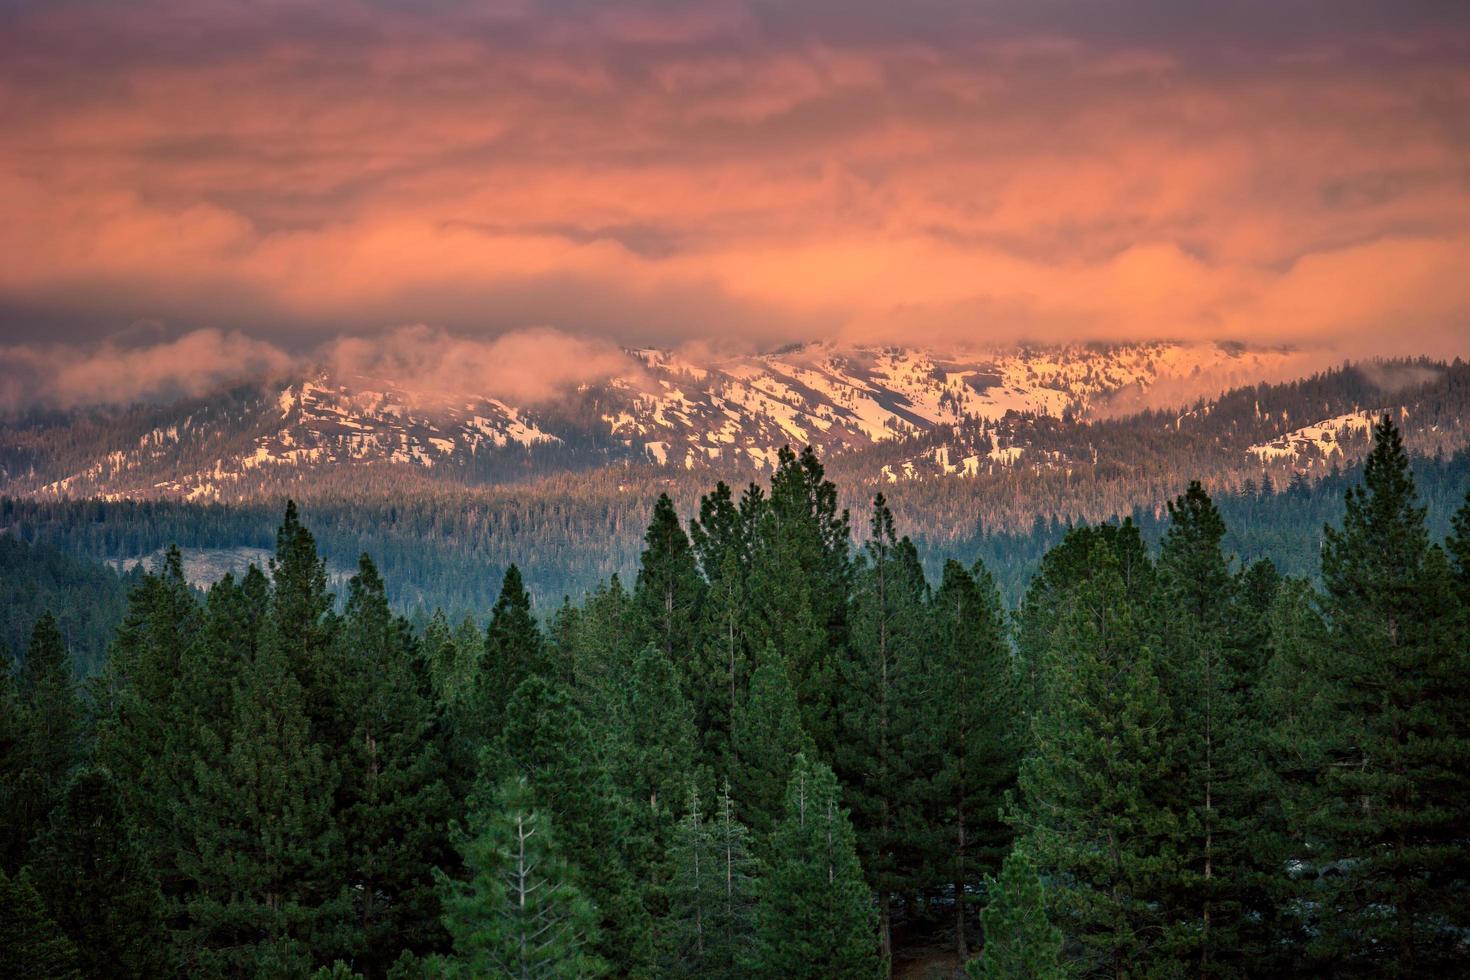 bomen voor bergen bij zonsondergang foto